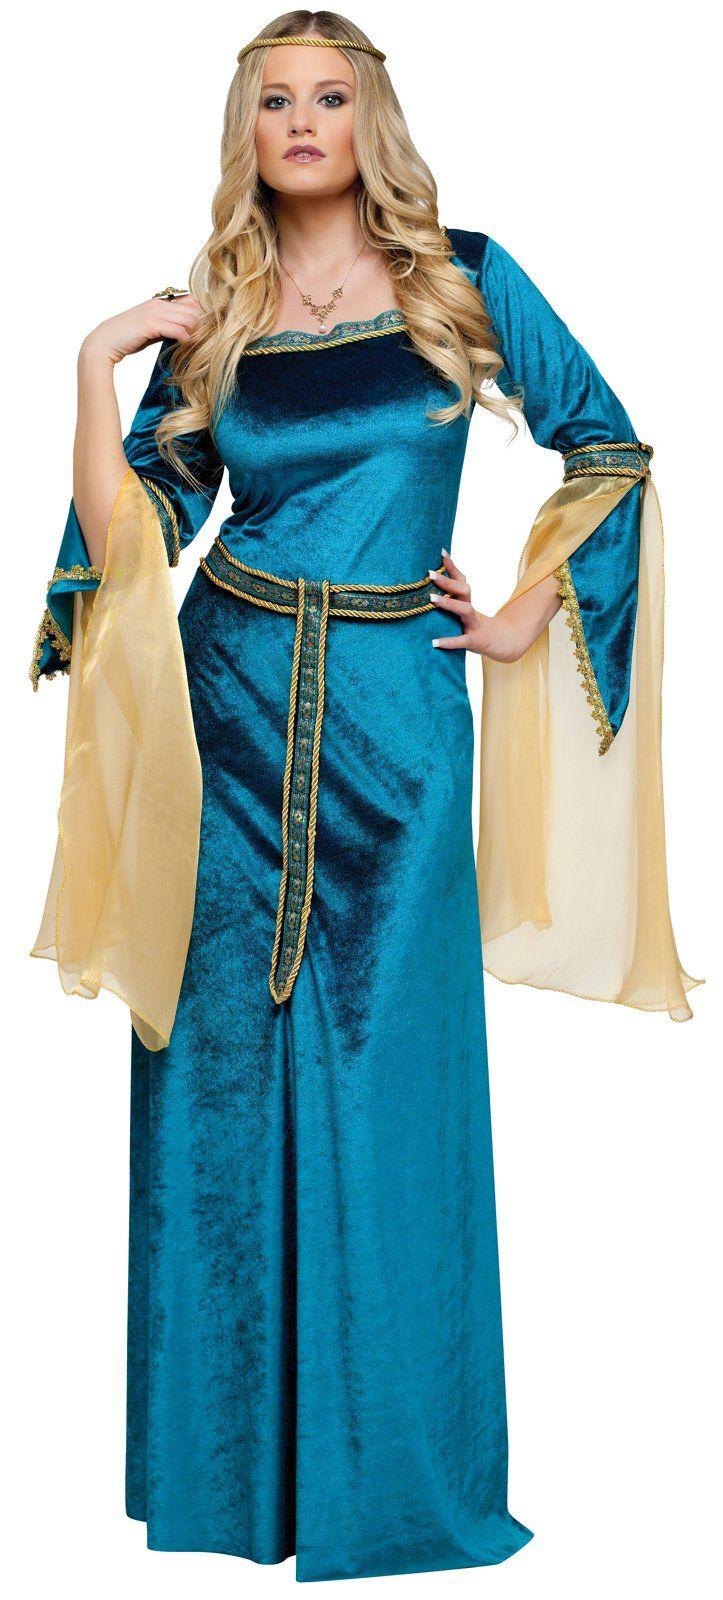 best renassaince ideas images on pinterest renaissance costume